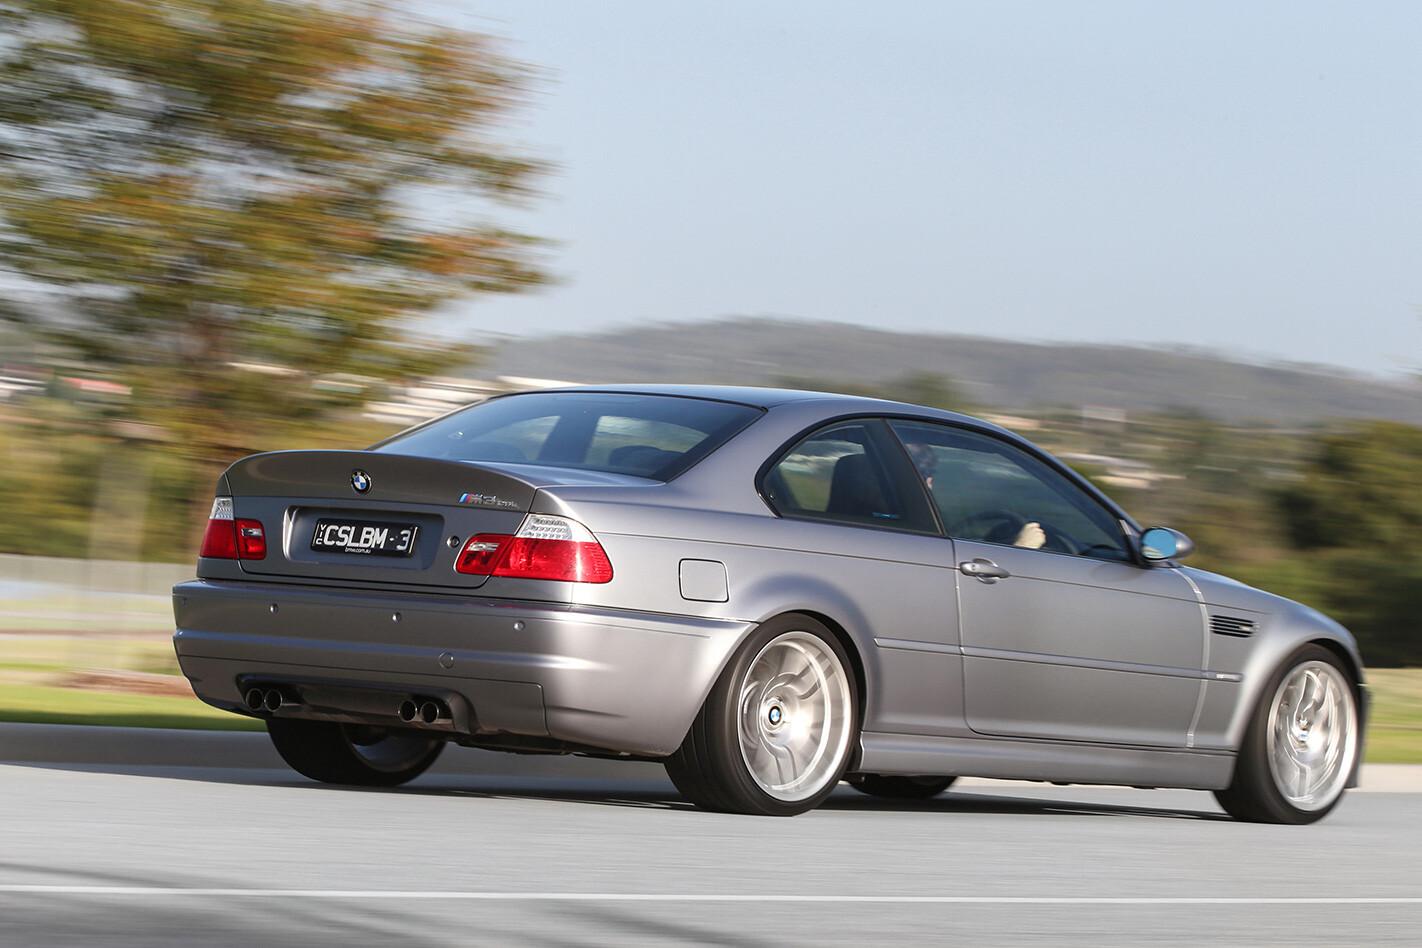 BMW M3 E46 CSL rear